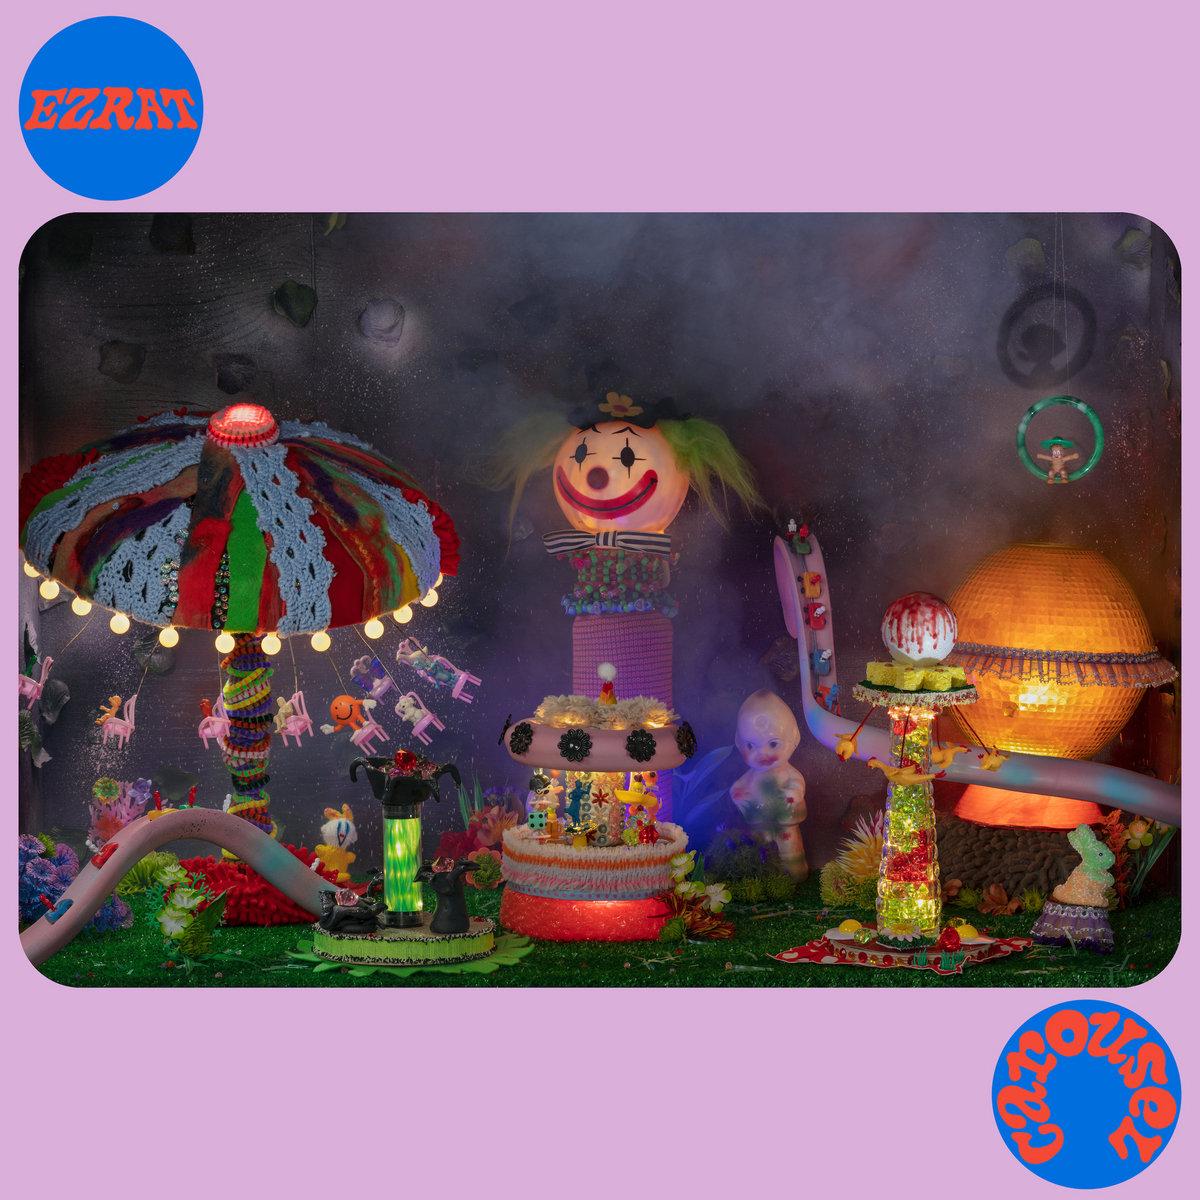 Ezrat - Carousel